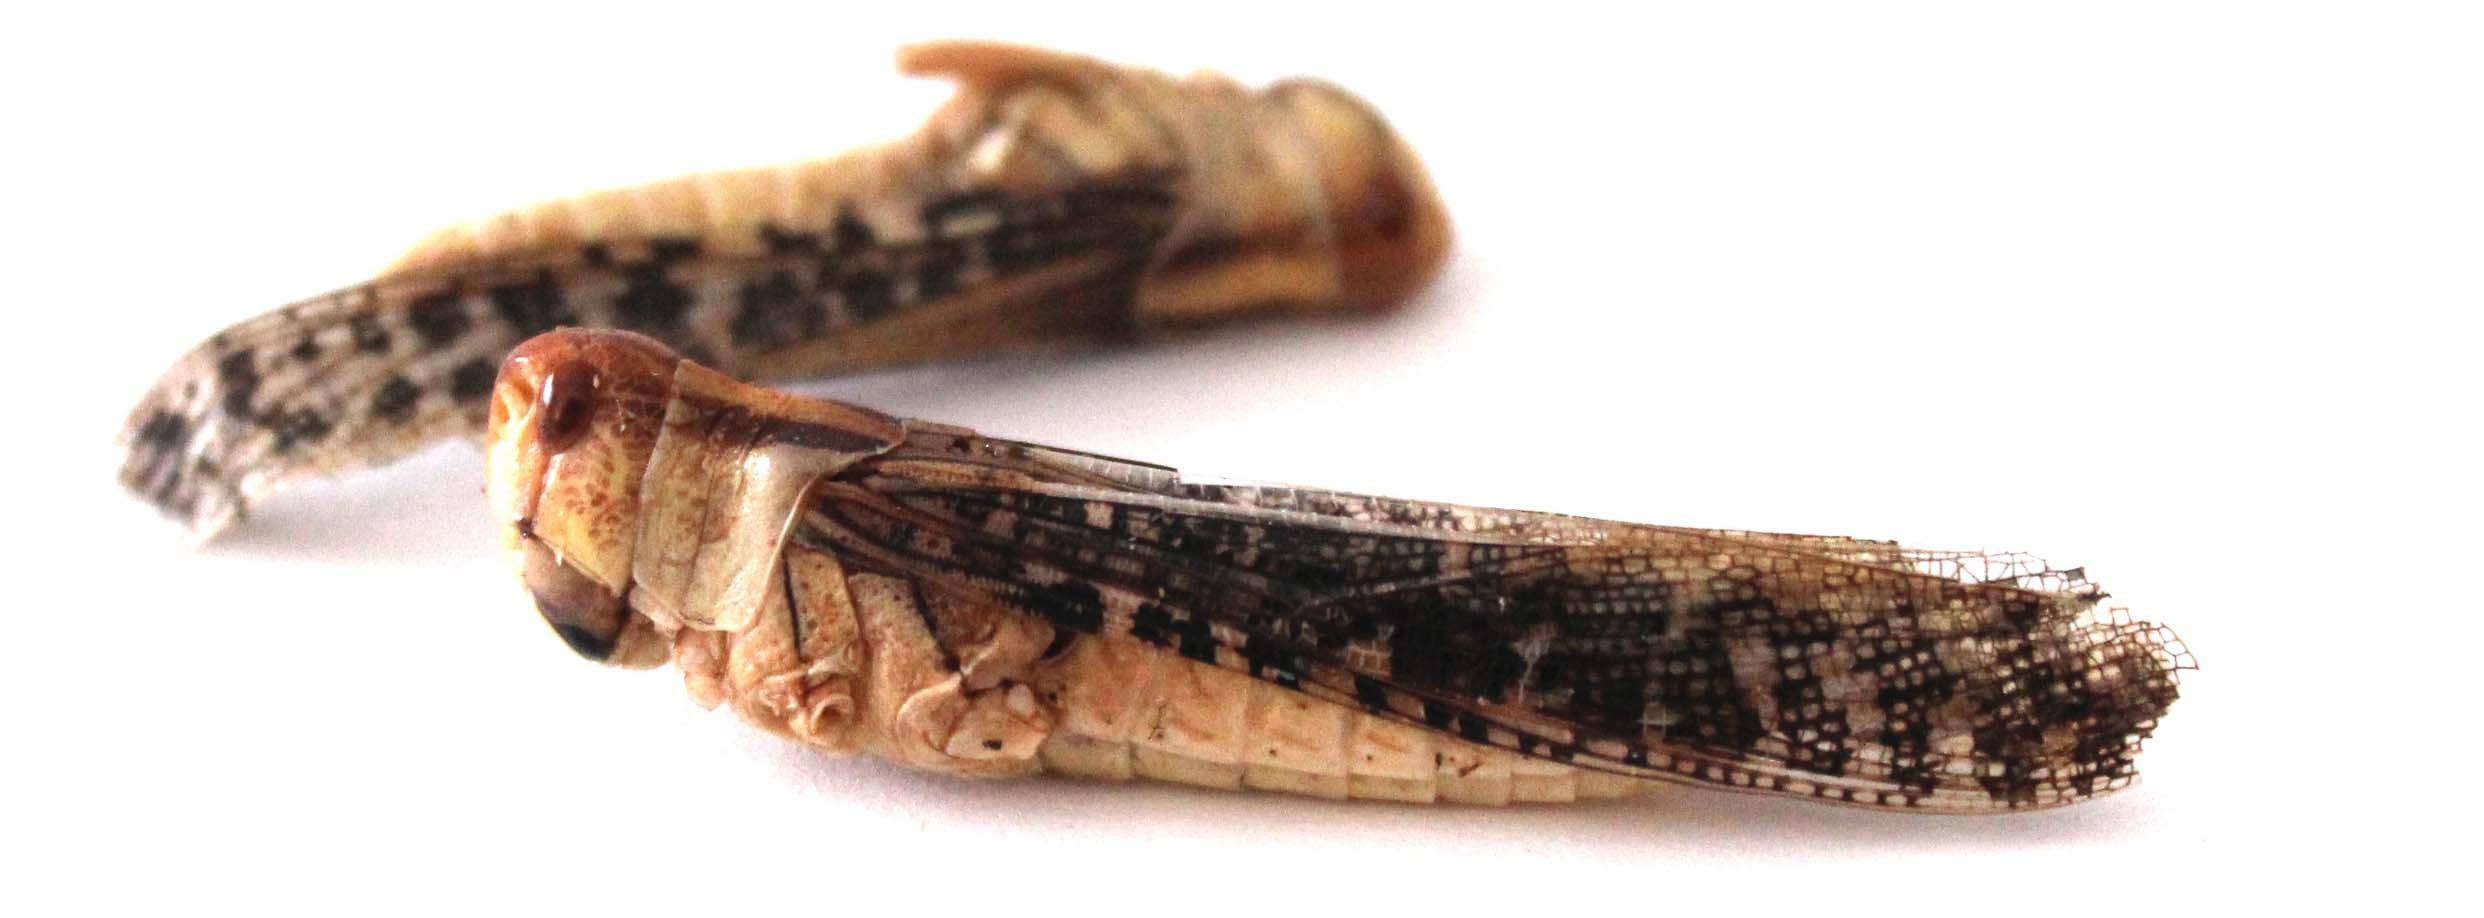 snack insects 39 sauterelle 39 essbare insekten heuschrecken snack kaufen. Black Bedroom Furniture Sets. Home Design Ideas